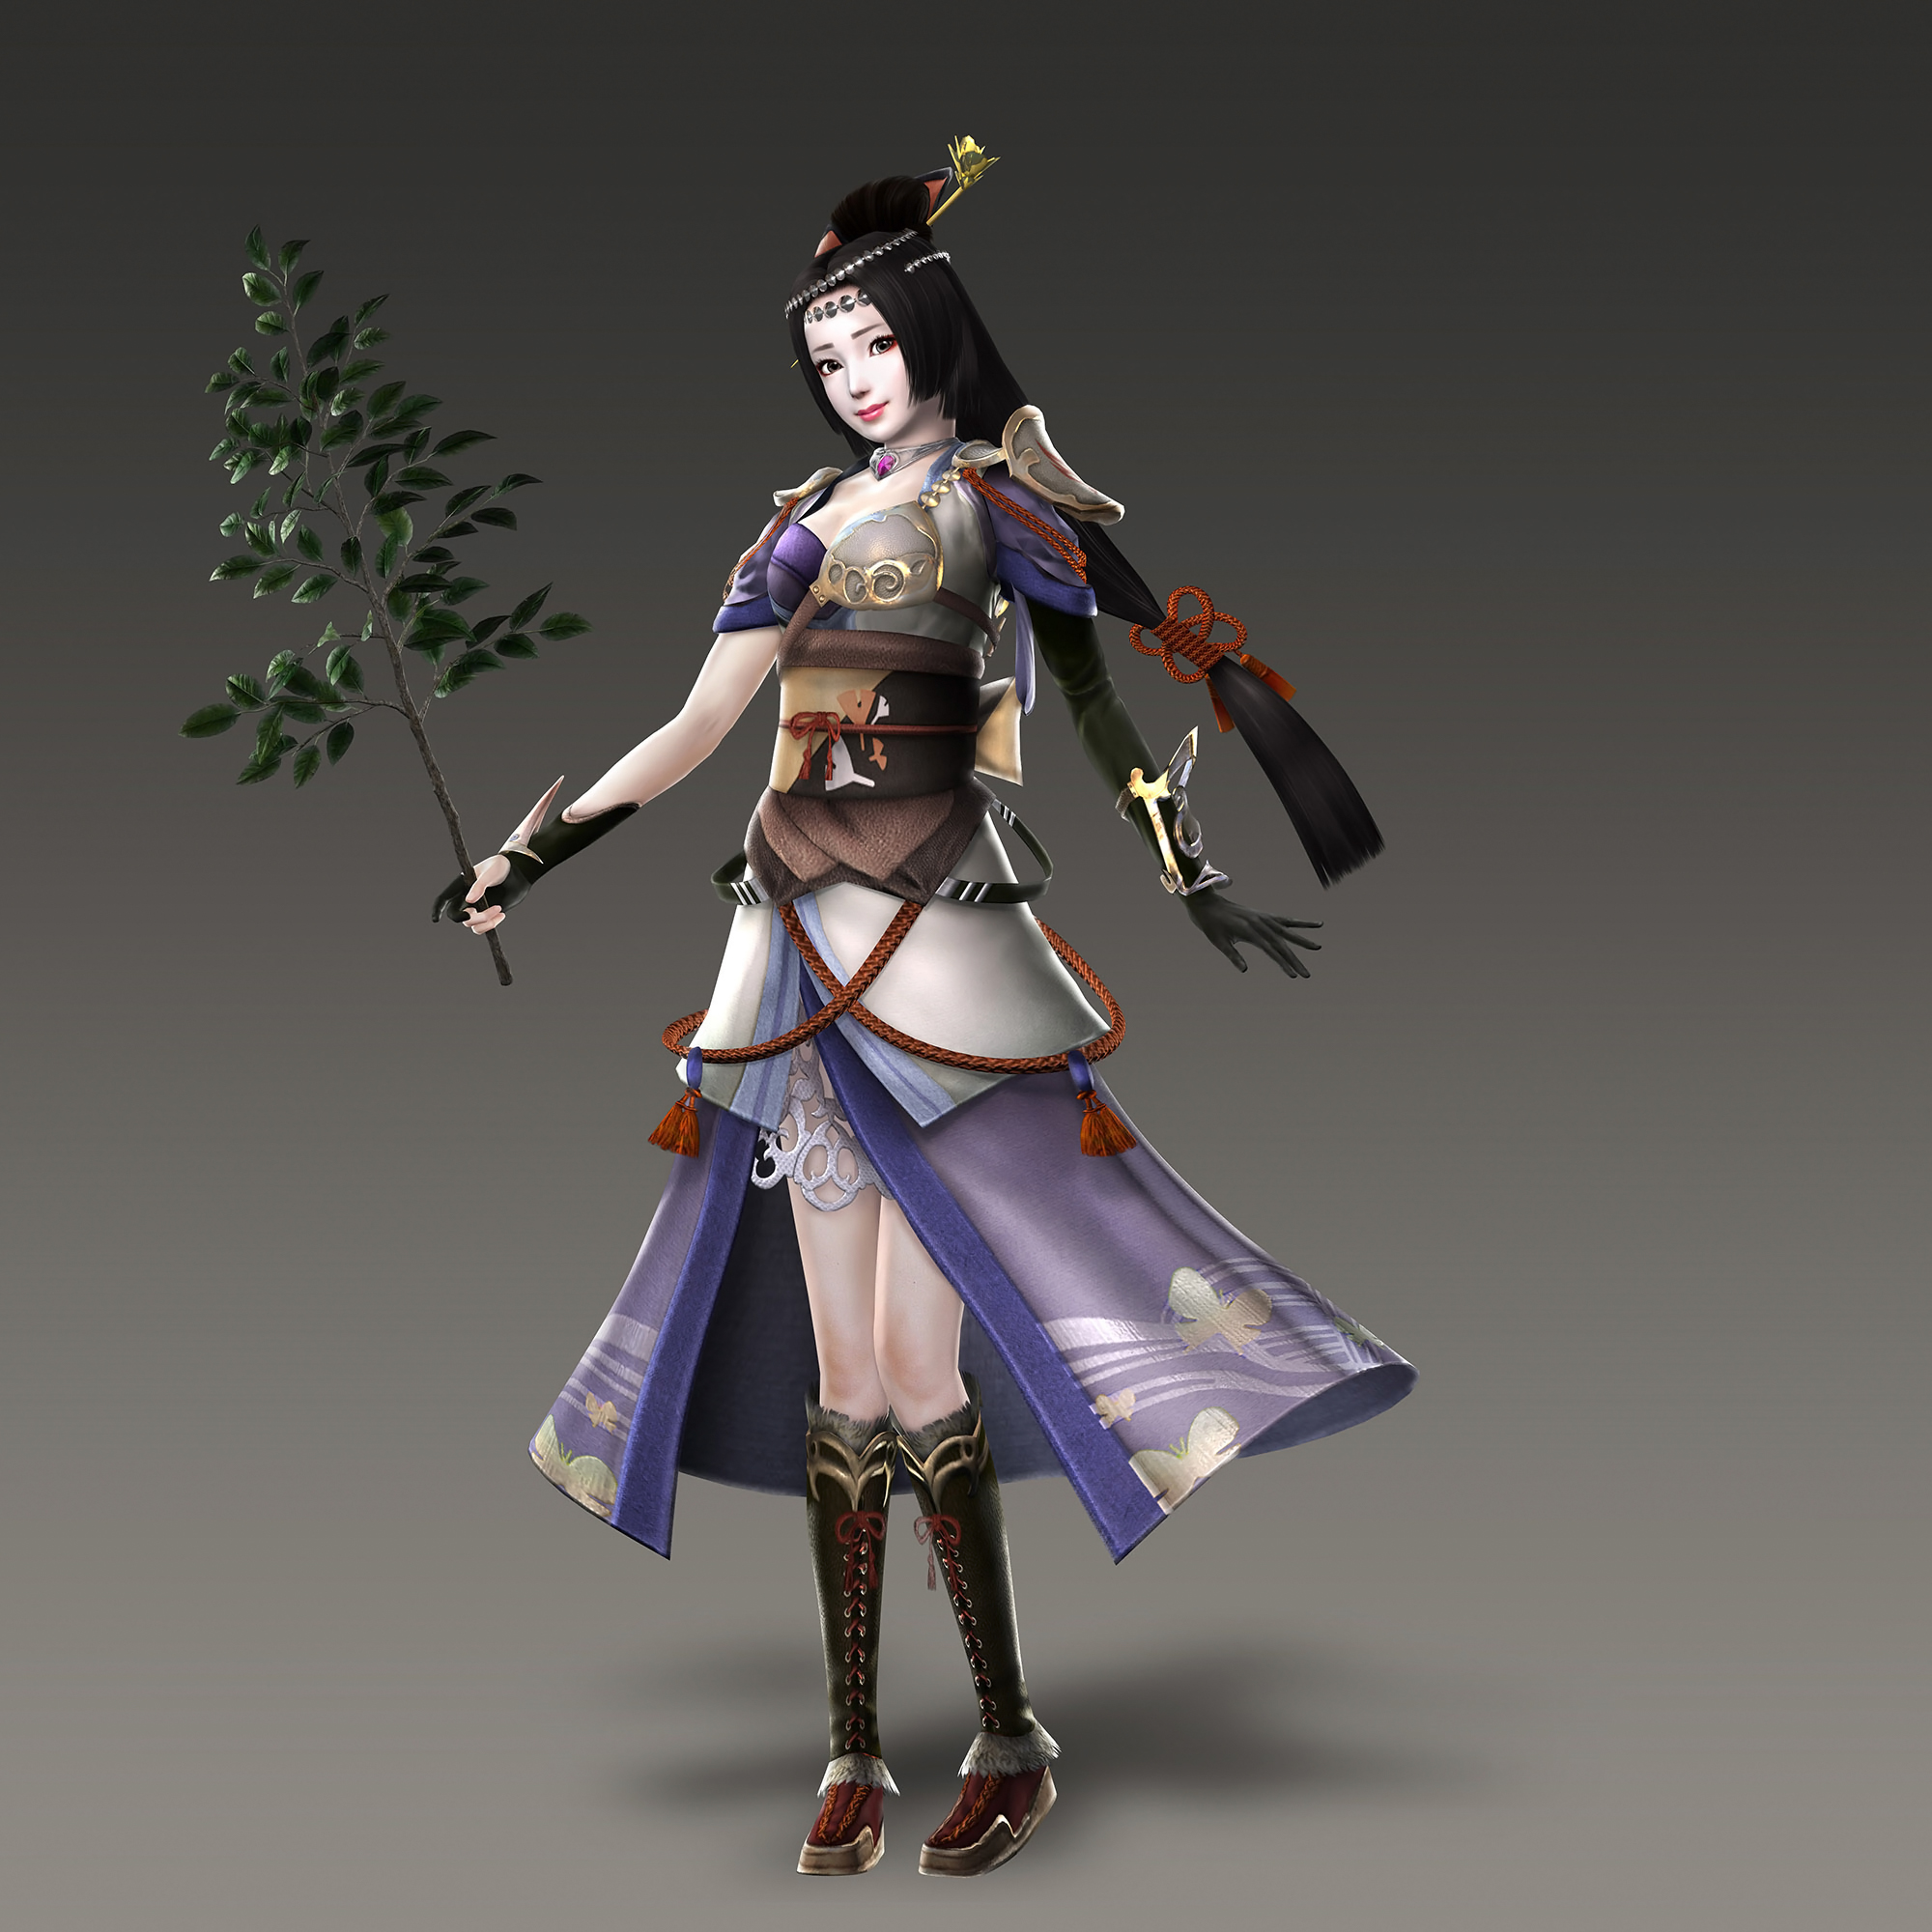 Image - Kaguya Toukiden Costume (WO3U DLC).jpg